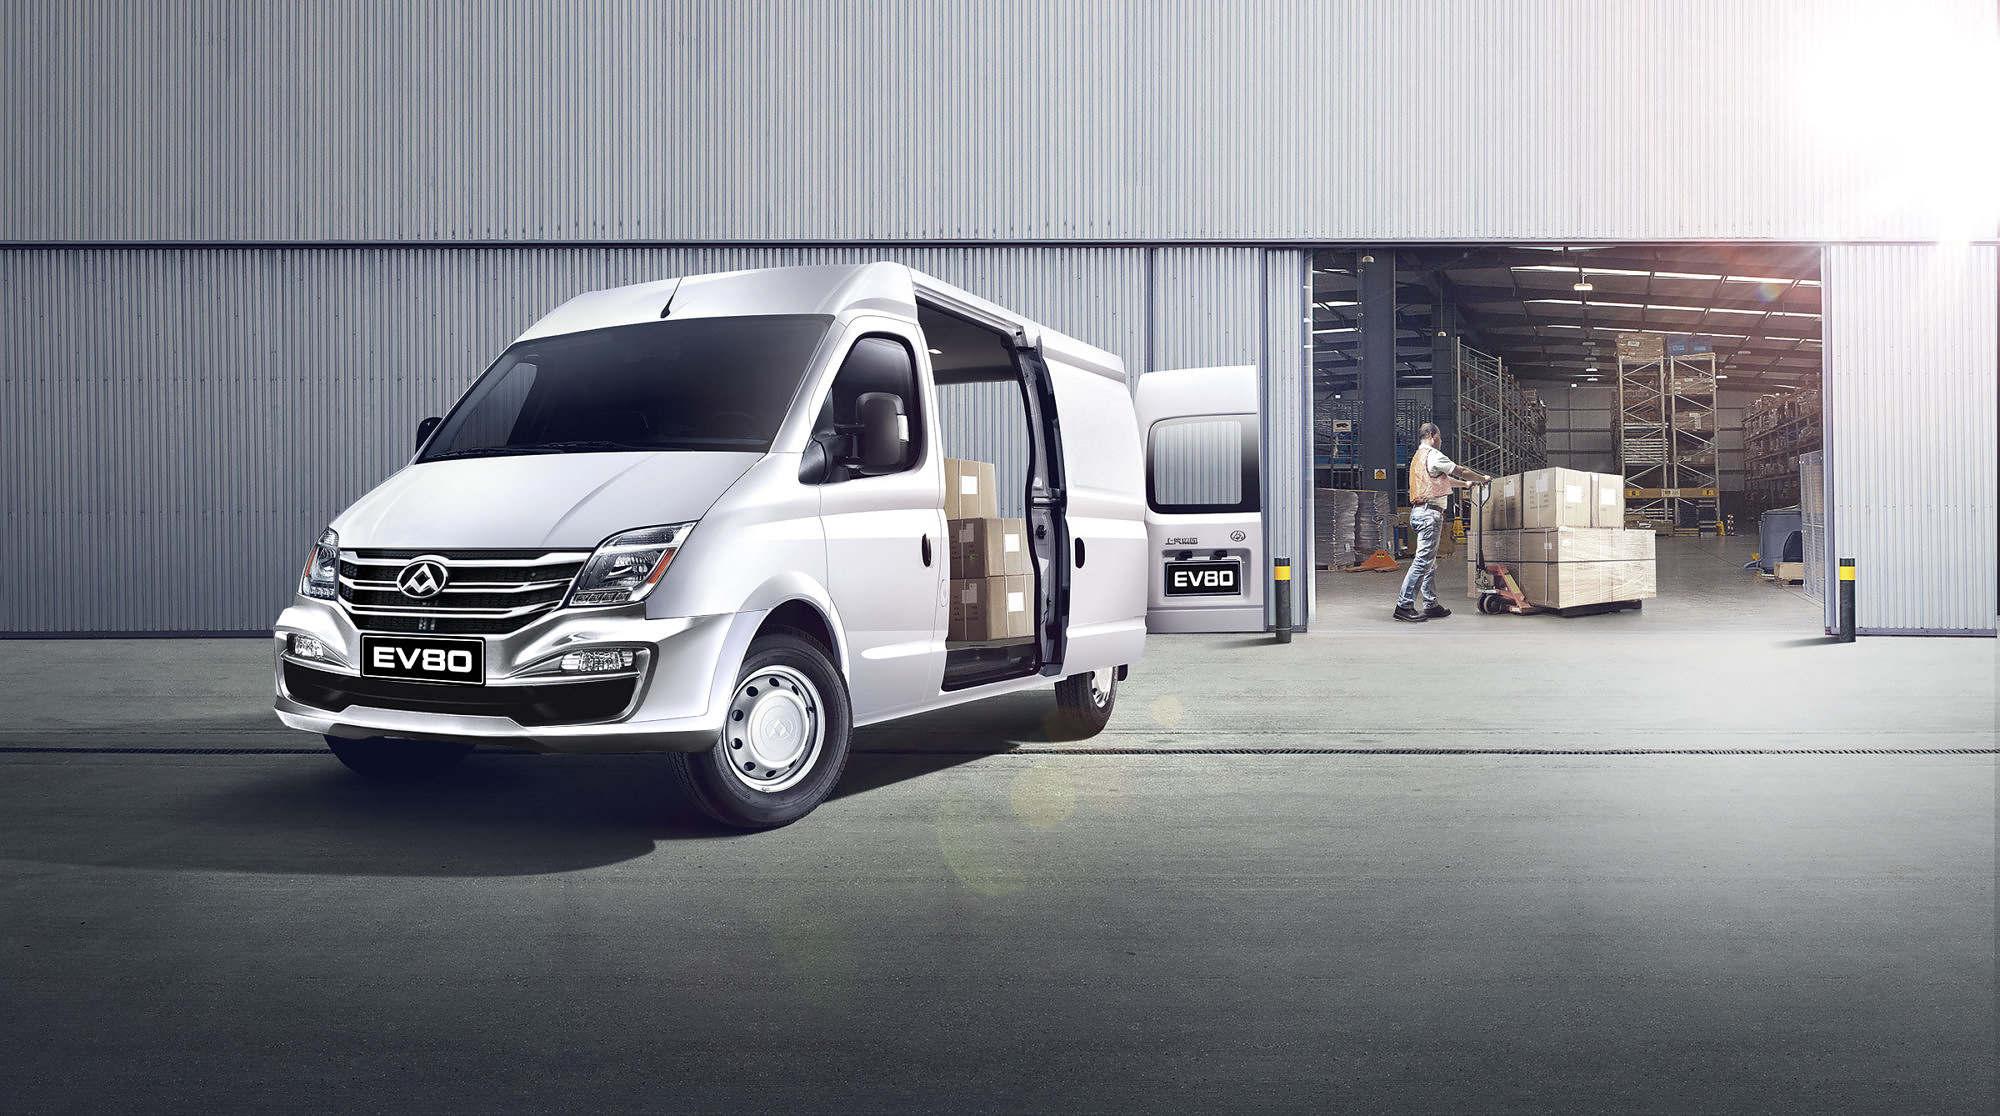 Transportbilen på 100% eldrift kan du köpa på Aros Auto i Västerås och Enköping